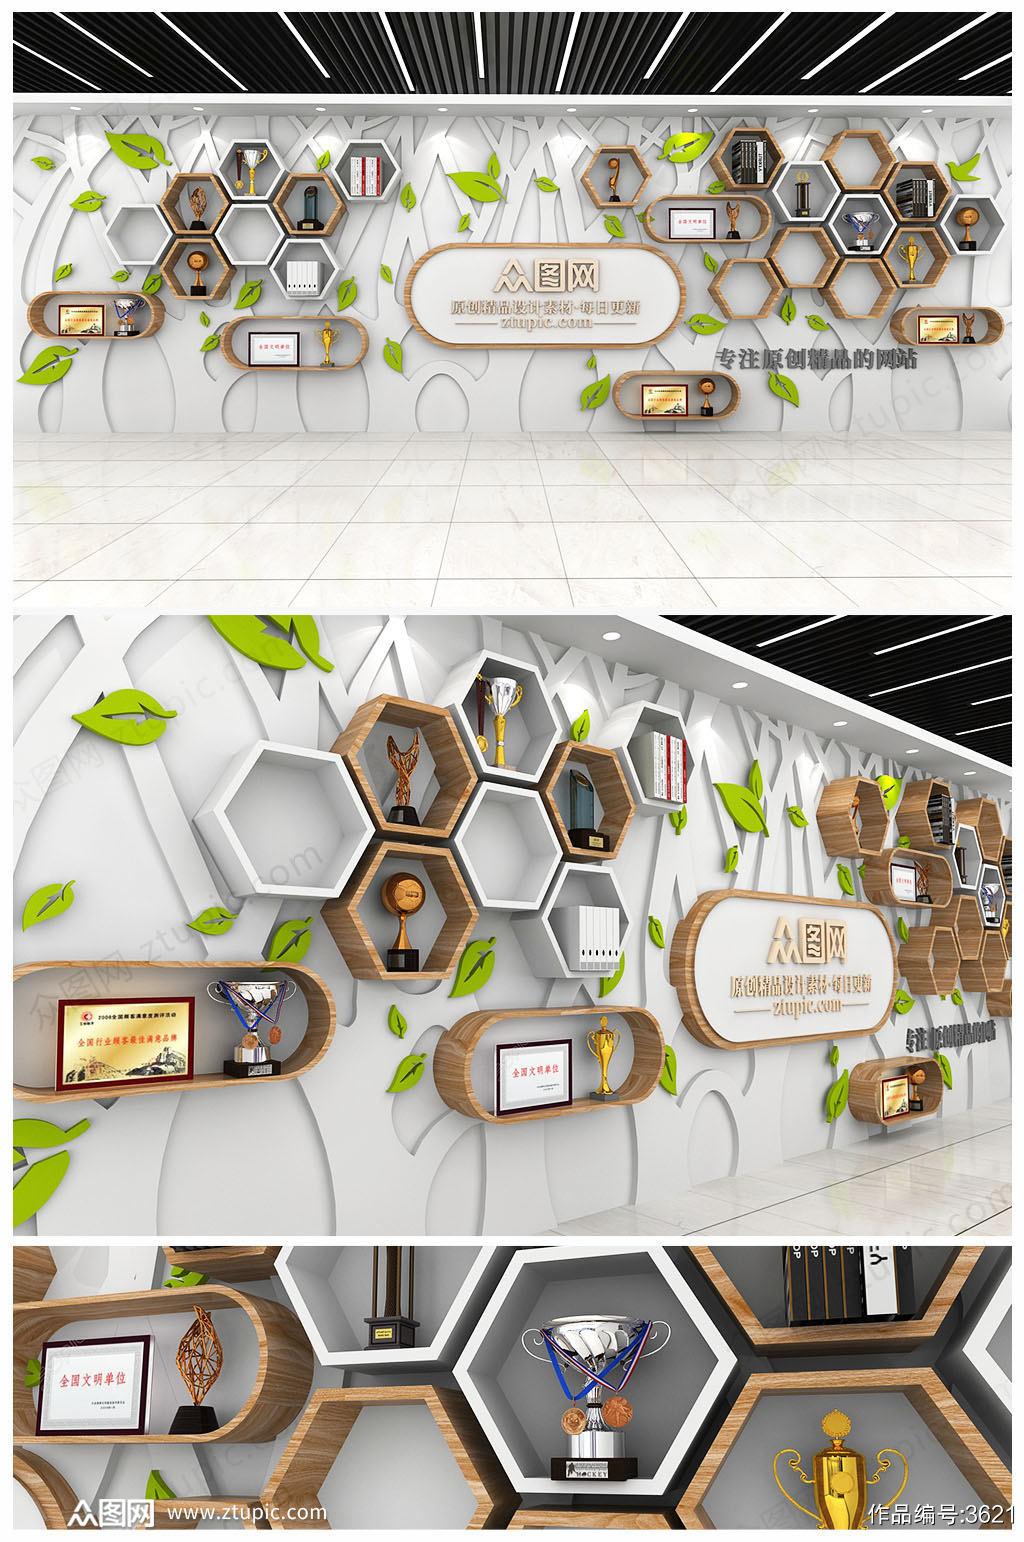 企业荣誉墙模板_大气集团公司企业荣誉专利墙文化墙设计布置效果图-企业文化墙 ...